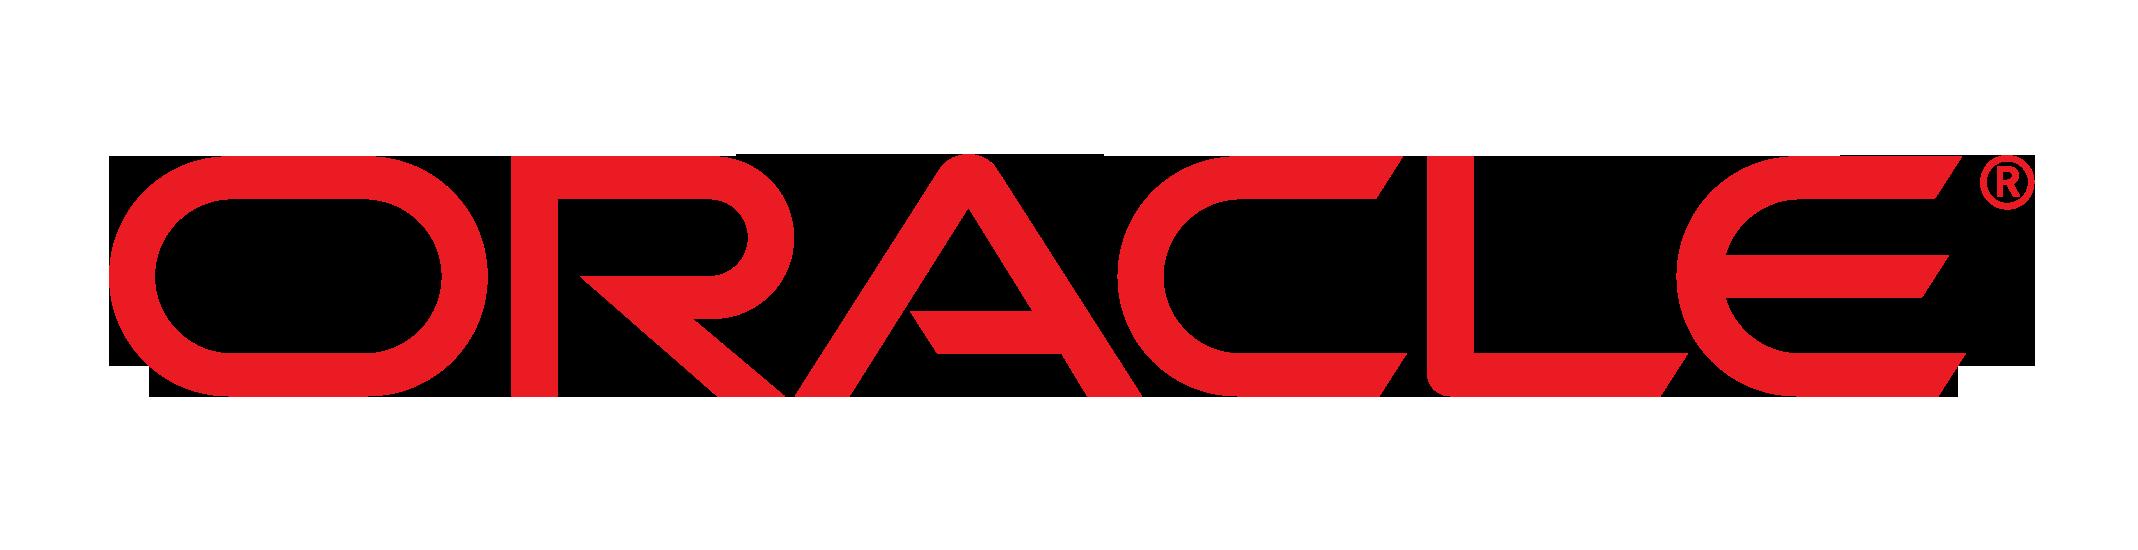 Oracle Master Data Management logo